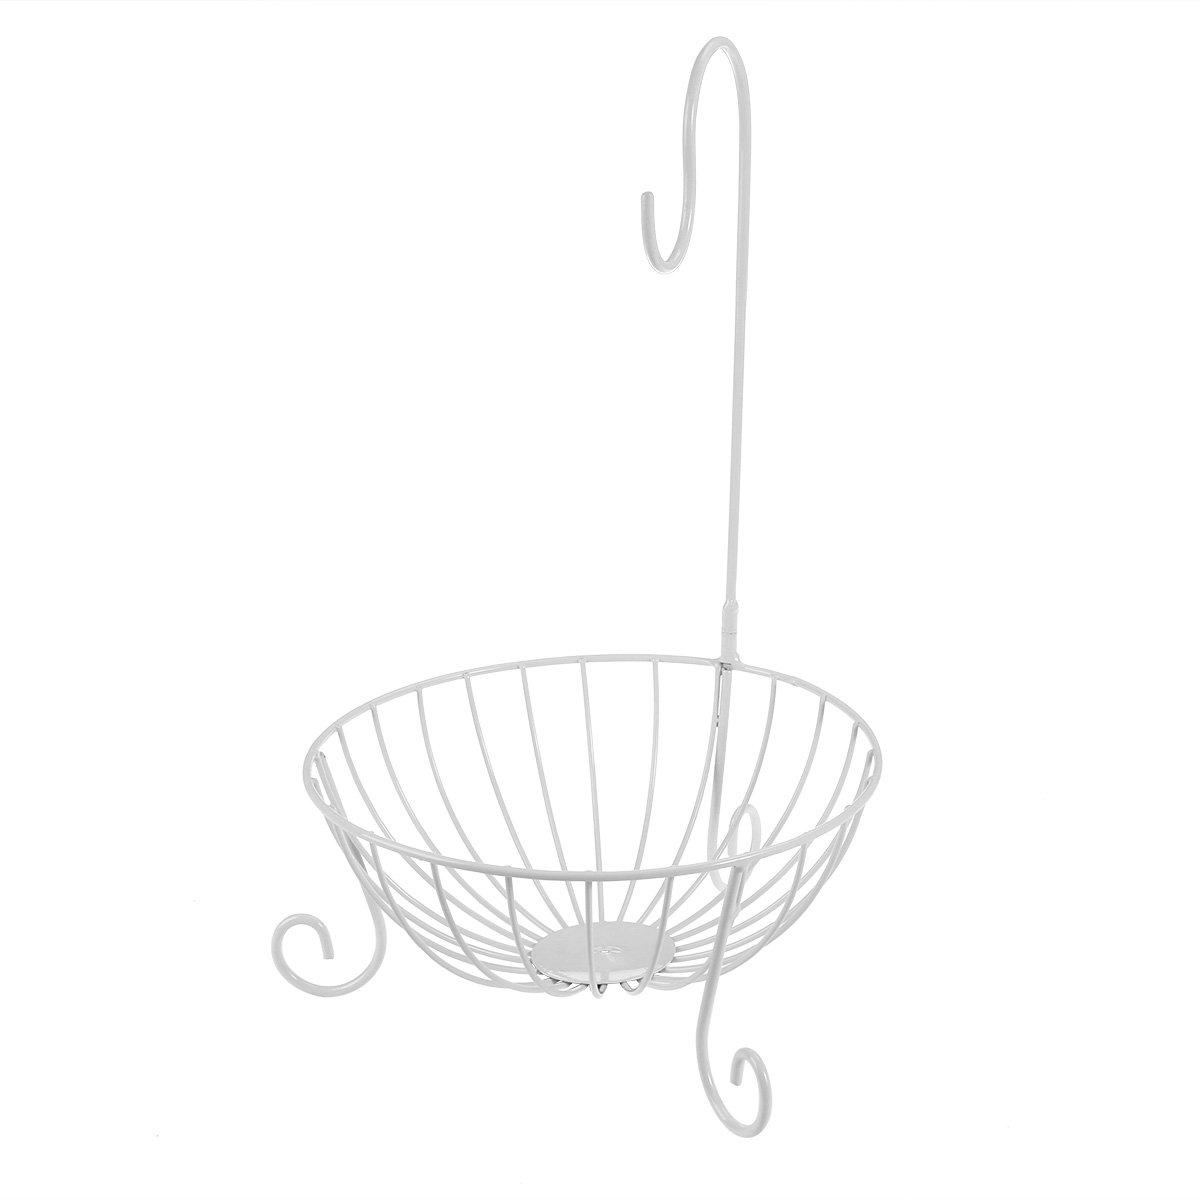 WINOMO メタルフルーツバスケット 取り外し可能なホルダーフック付き (ホワイト) B0723CHY8J